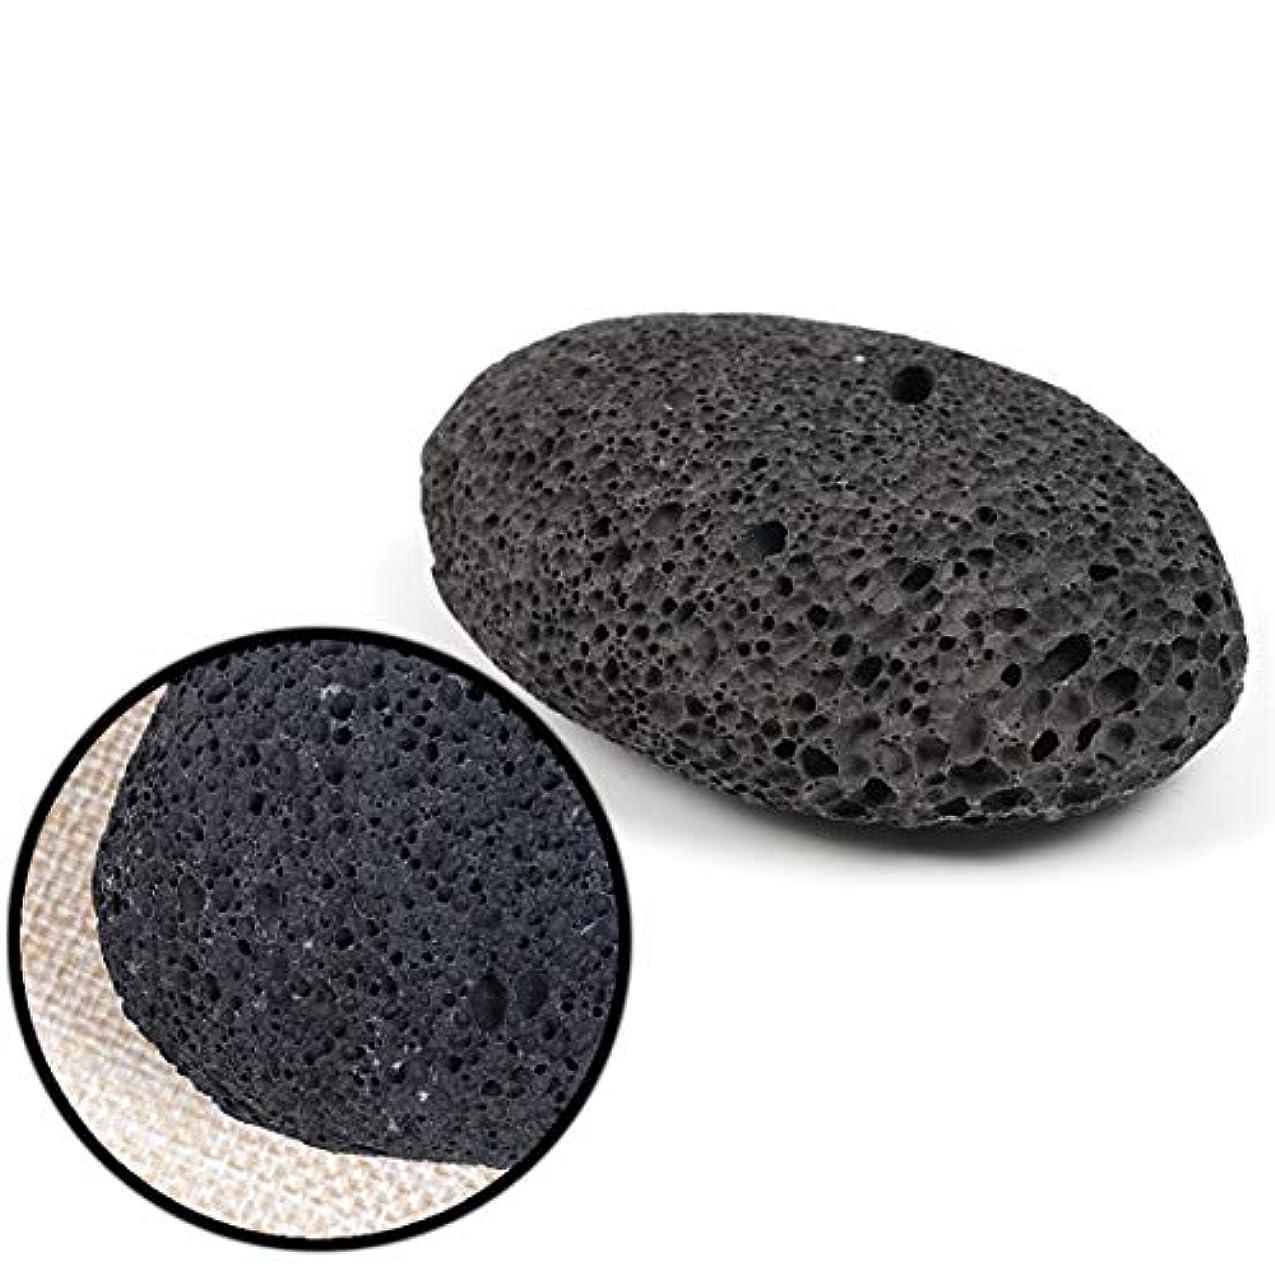 抑止するメナジェリーピック天然溶岩軽石火山岩石スクラブデッドスキンカルスリムーバーケアフットスキンケアツール